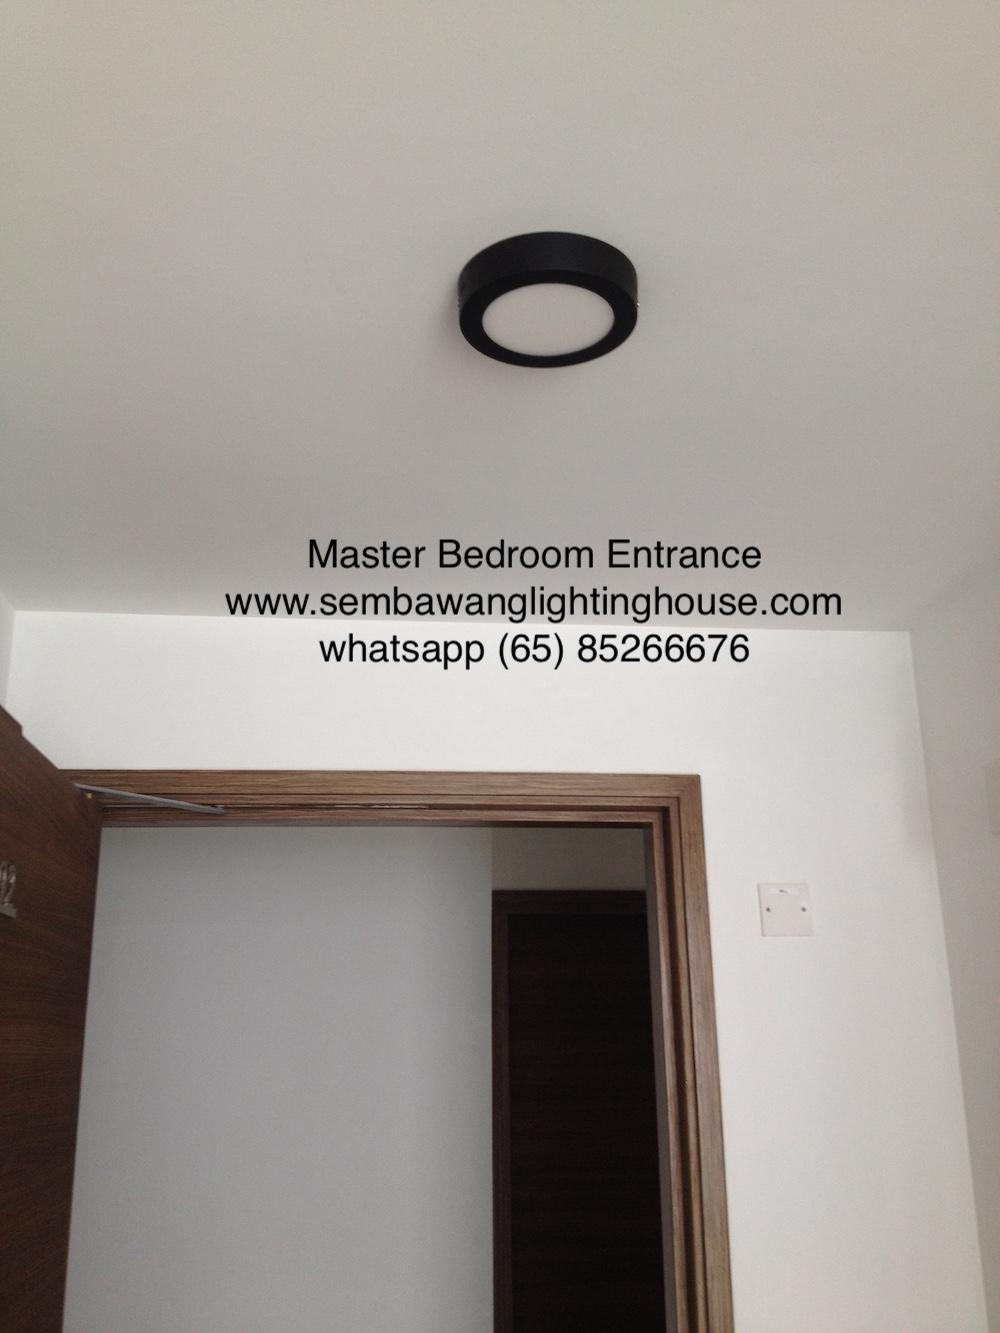 plain-round-ceiling-lamp-sample03-entrance-sembawang-lighting-house.jpg